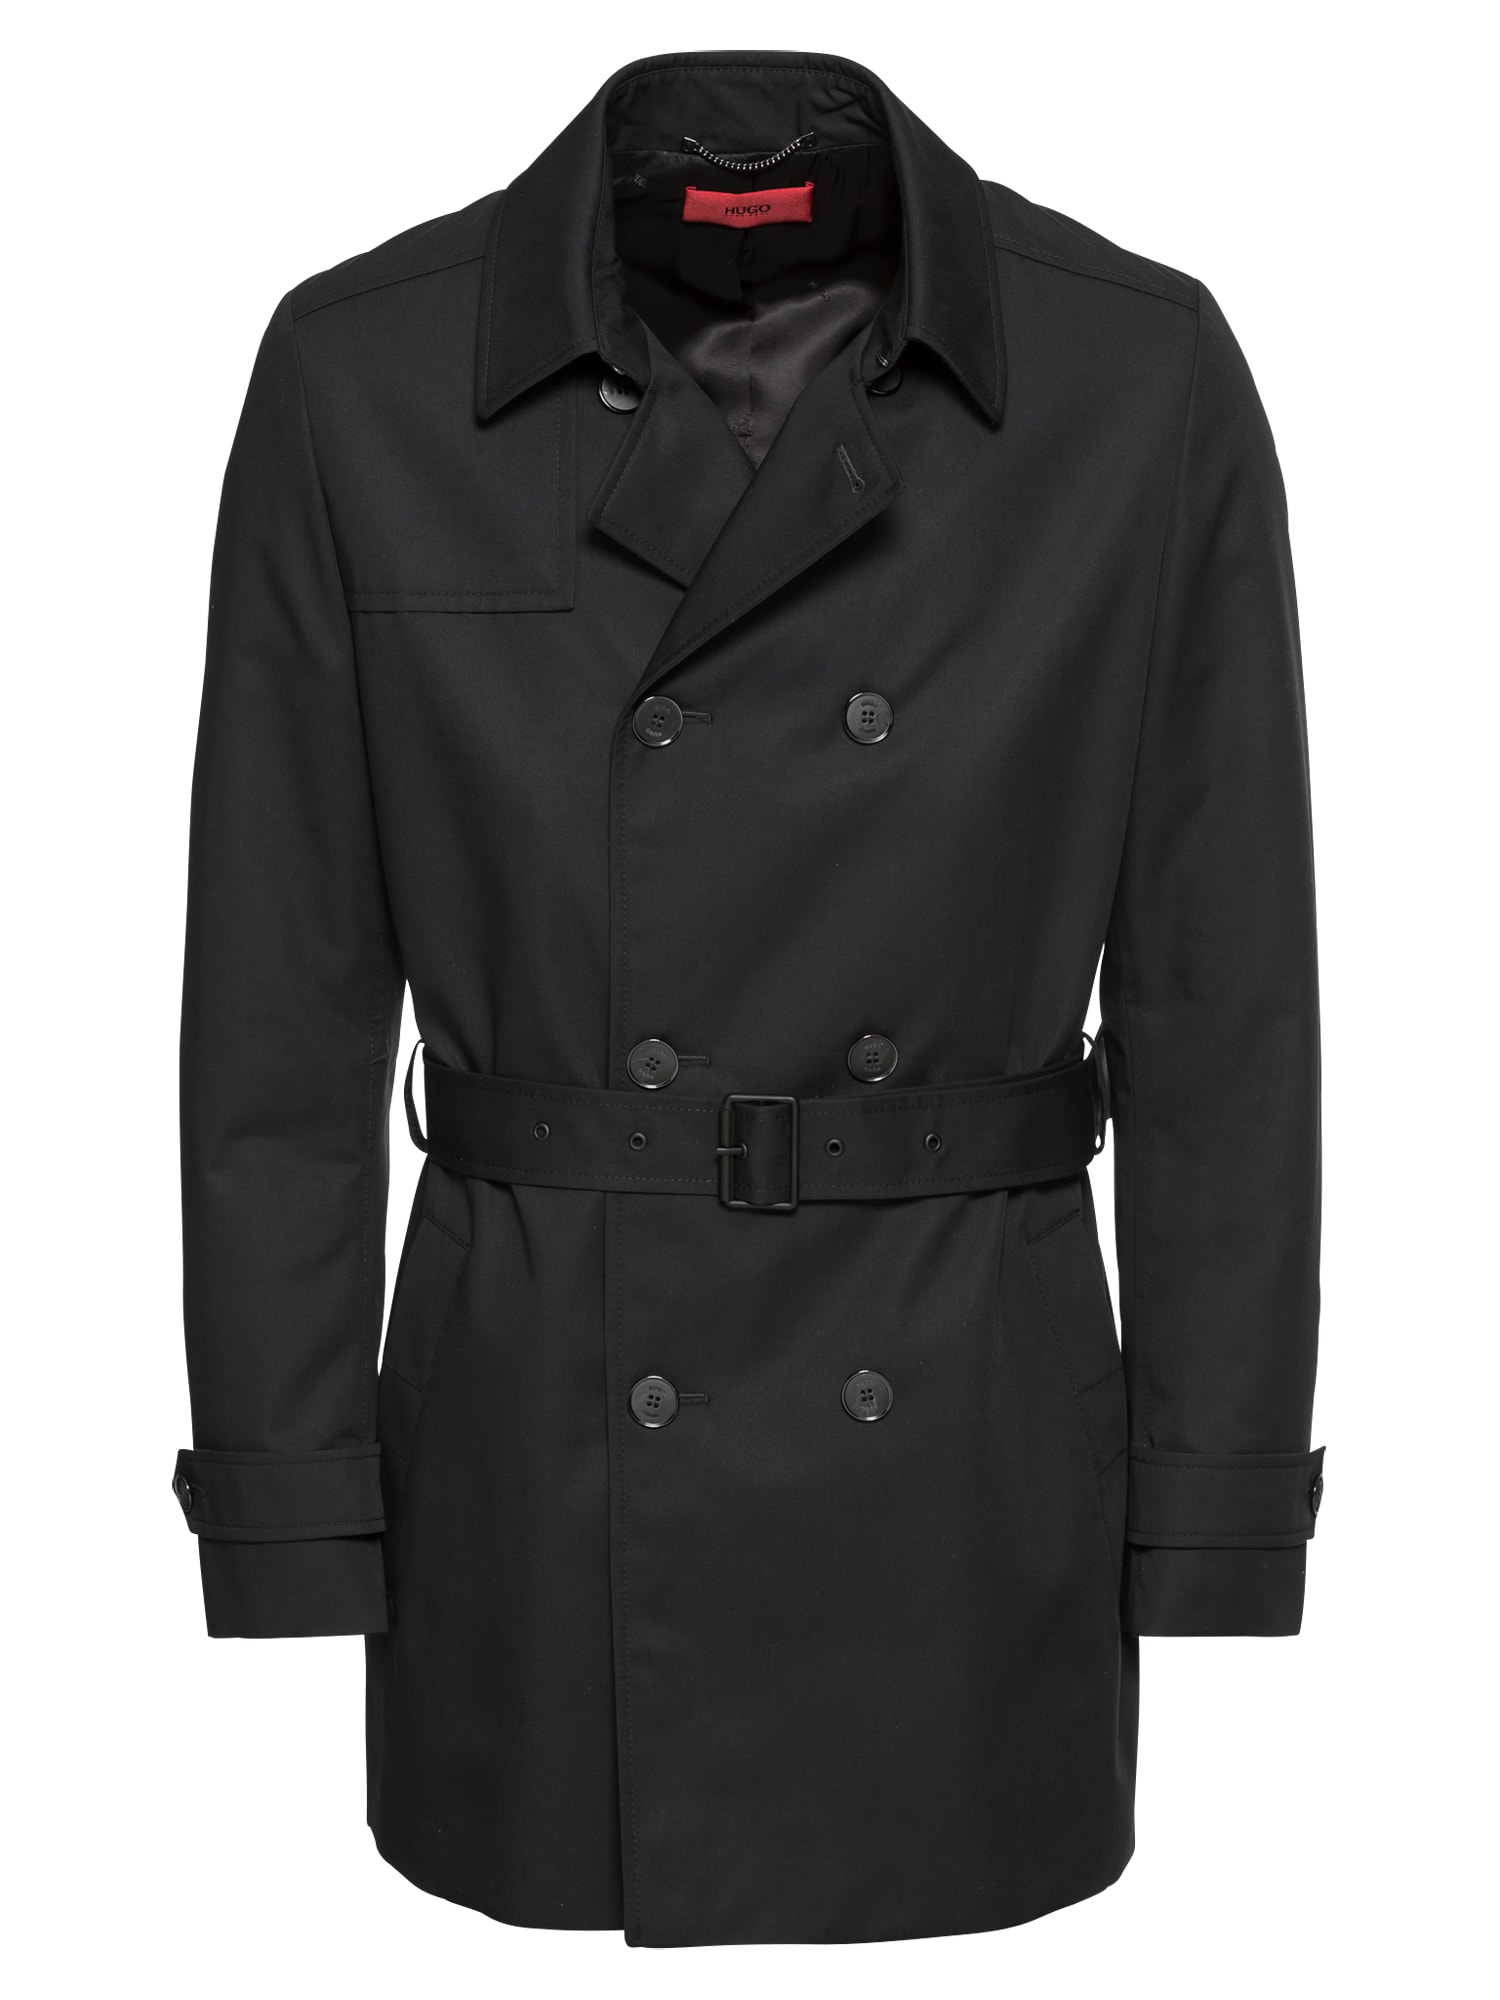 Zimní kabát Maluks1841 10110503 01 černá HUGO